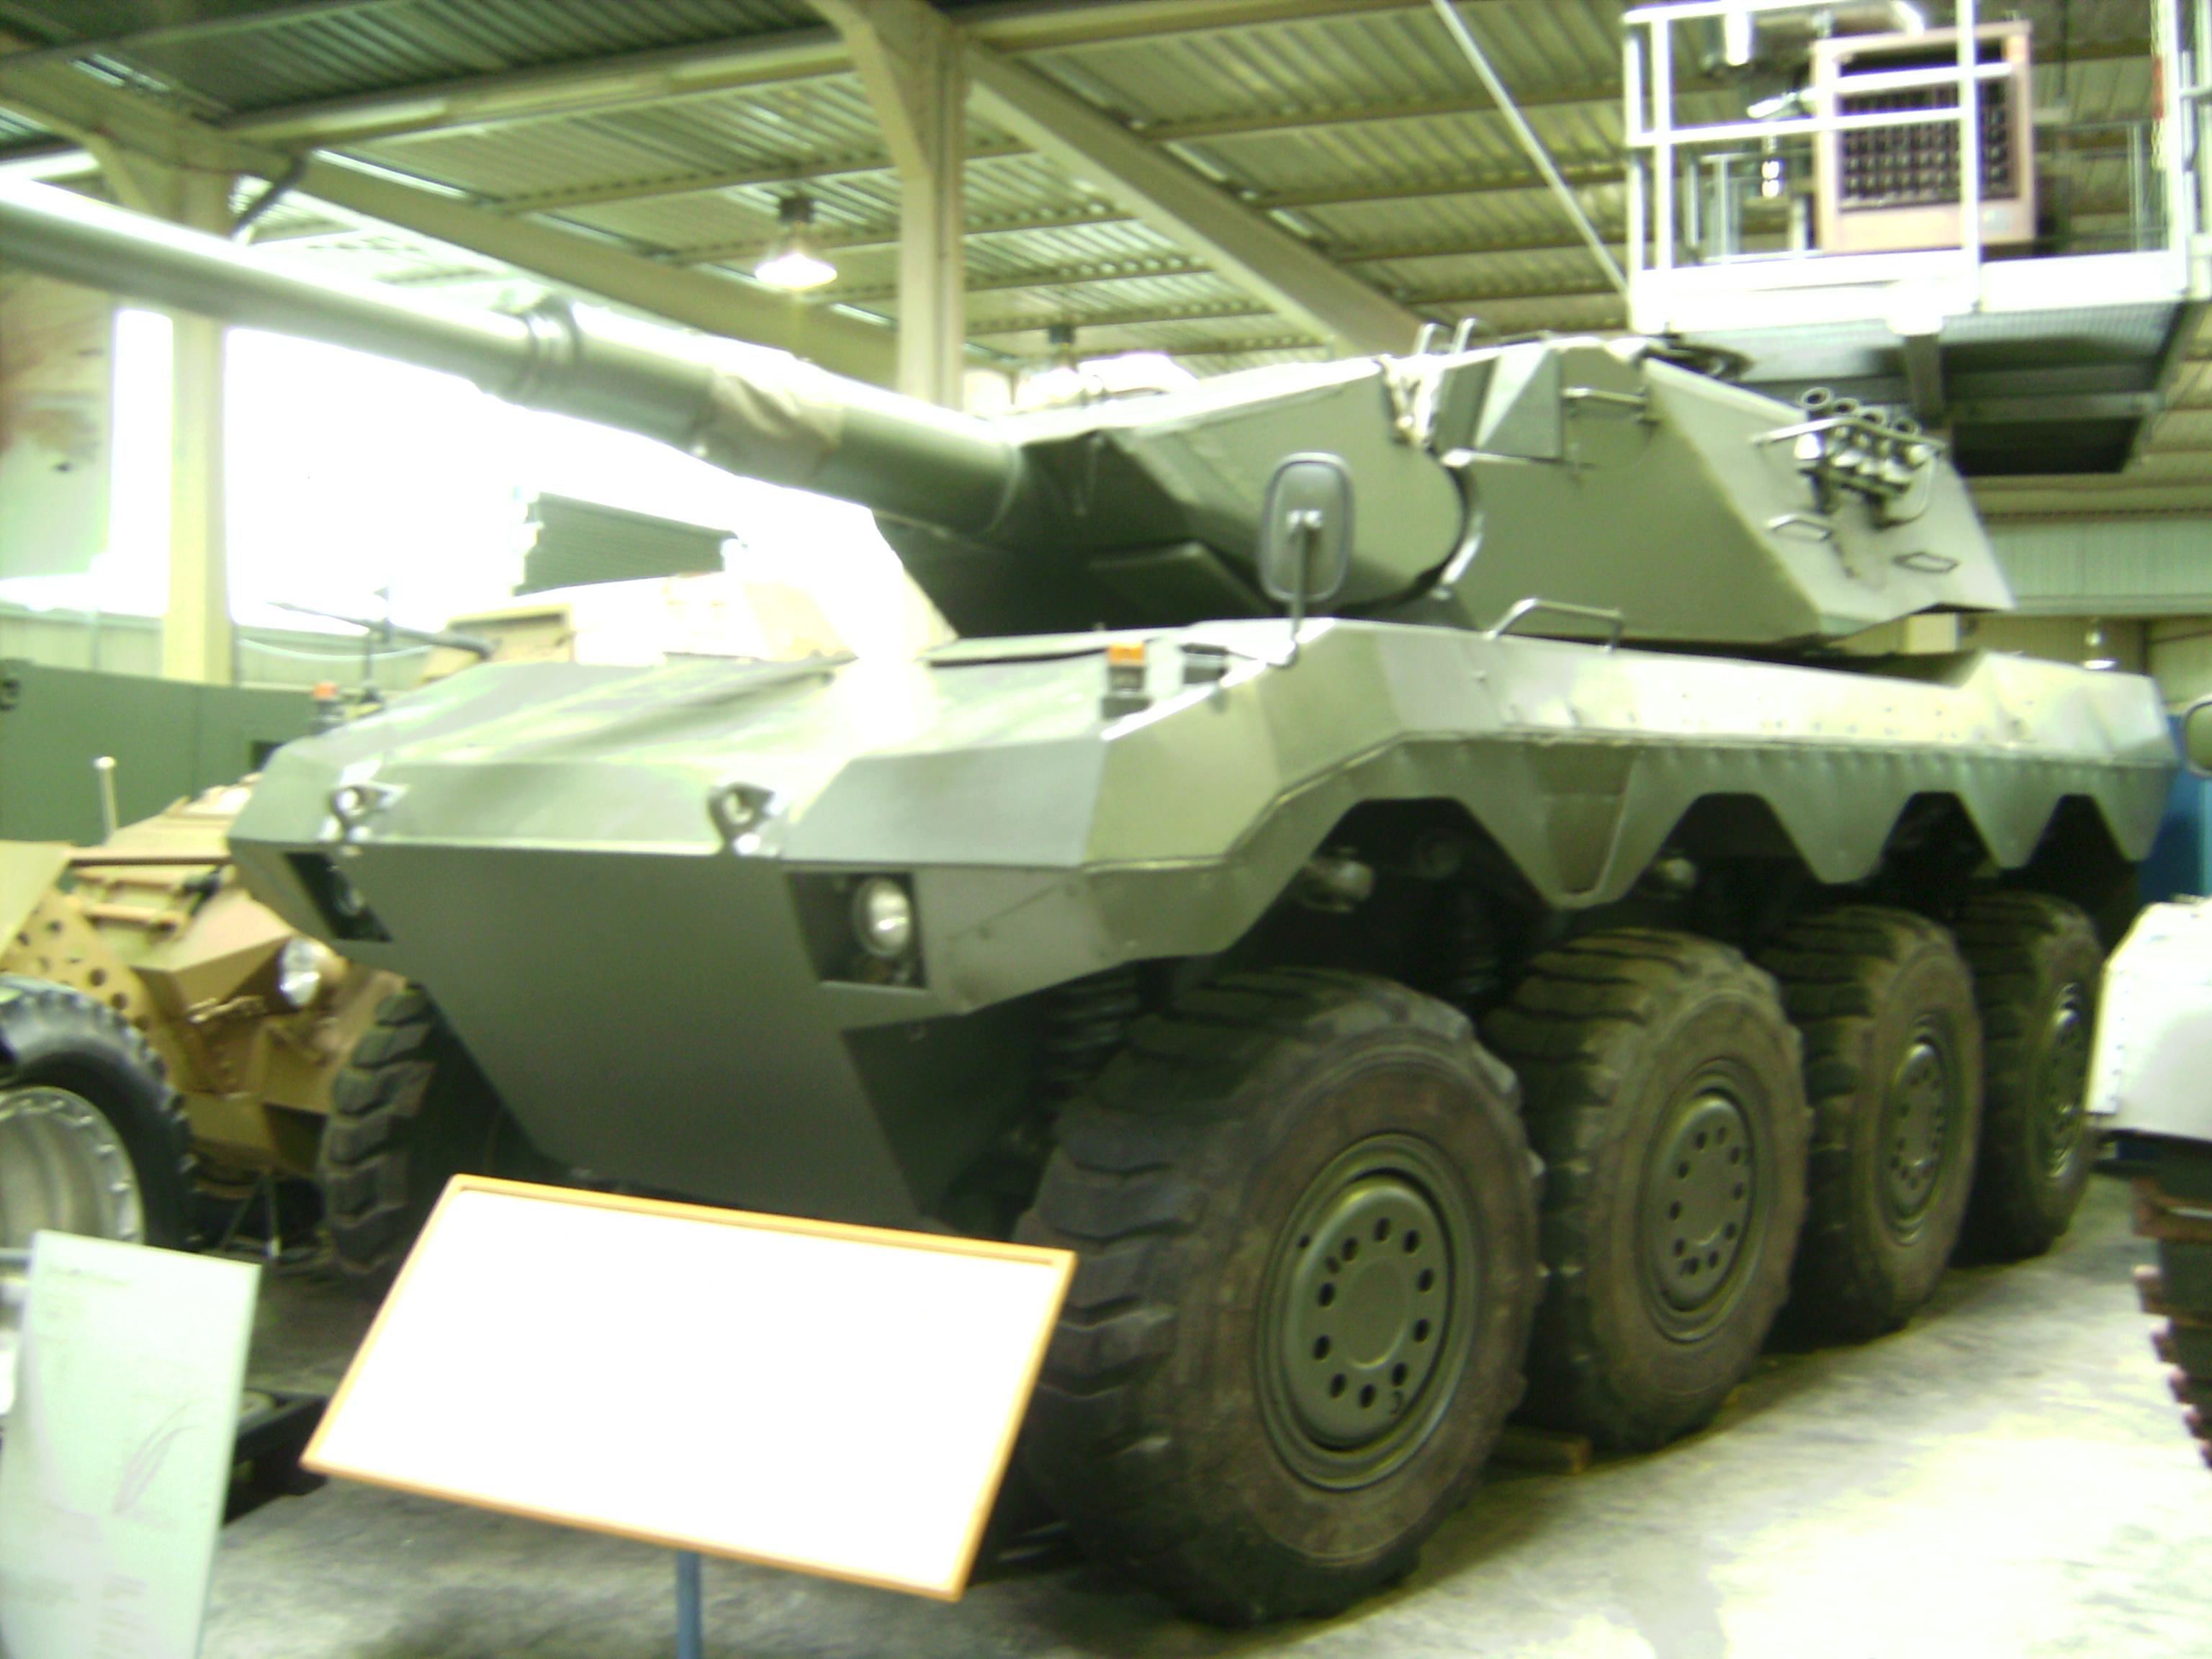 Radkampfwagen 90 War Thunder